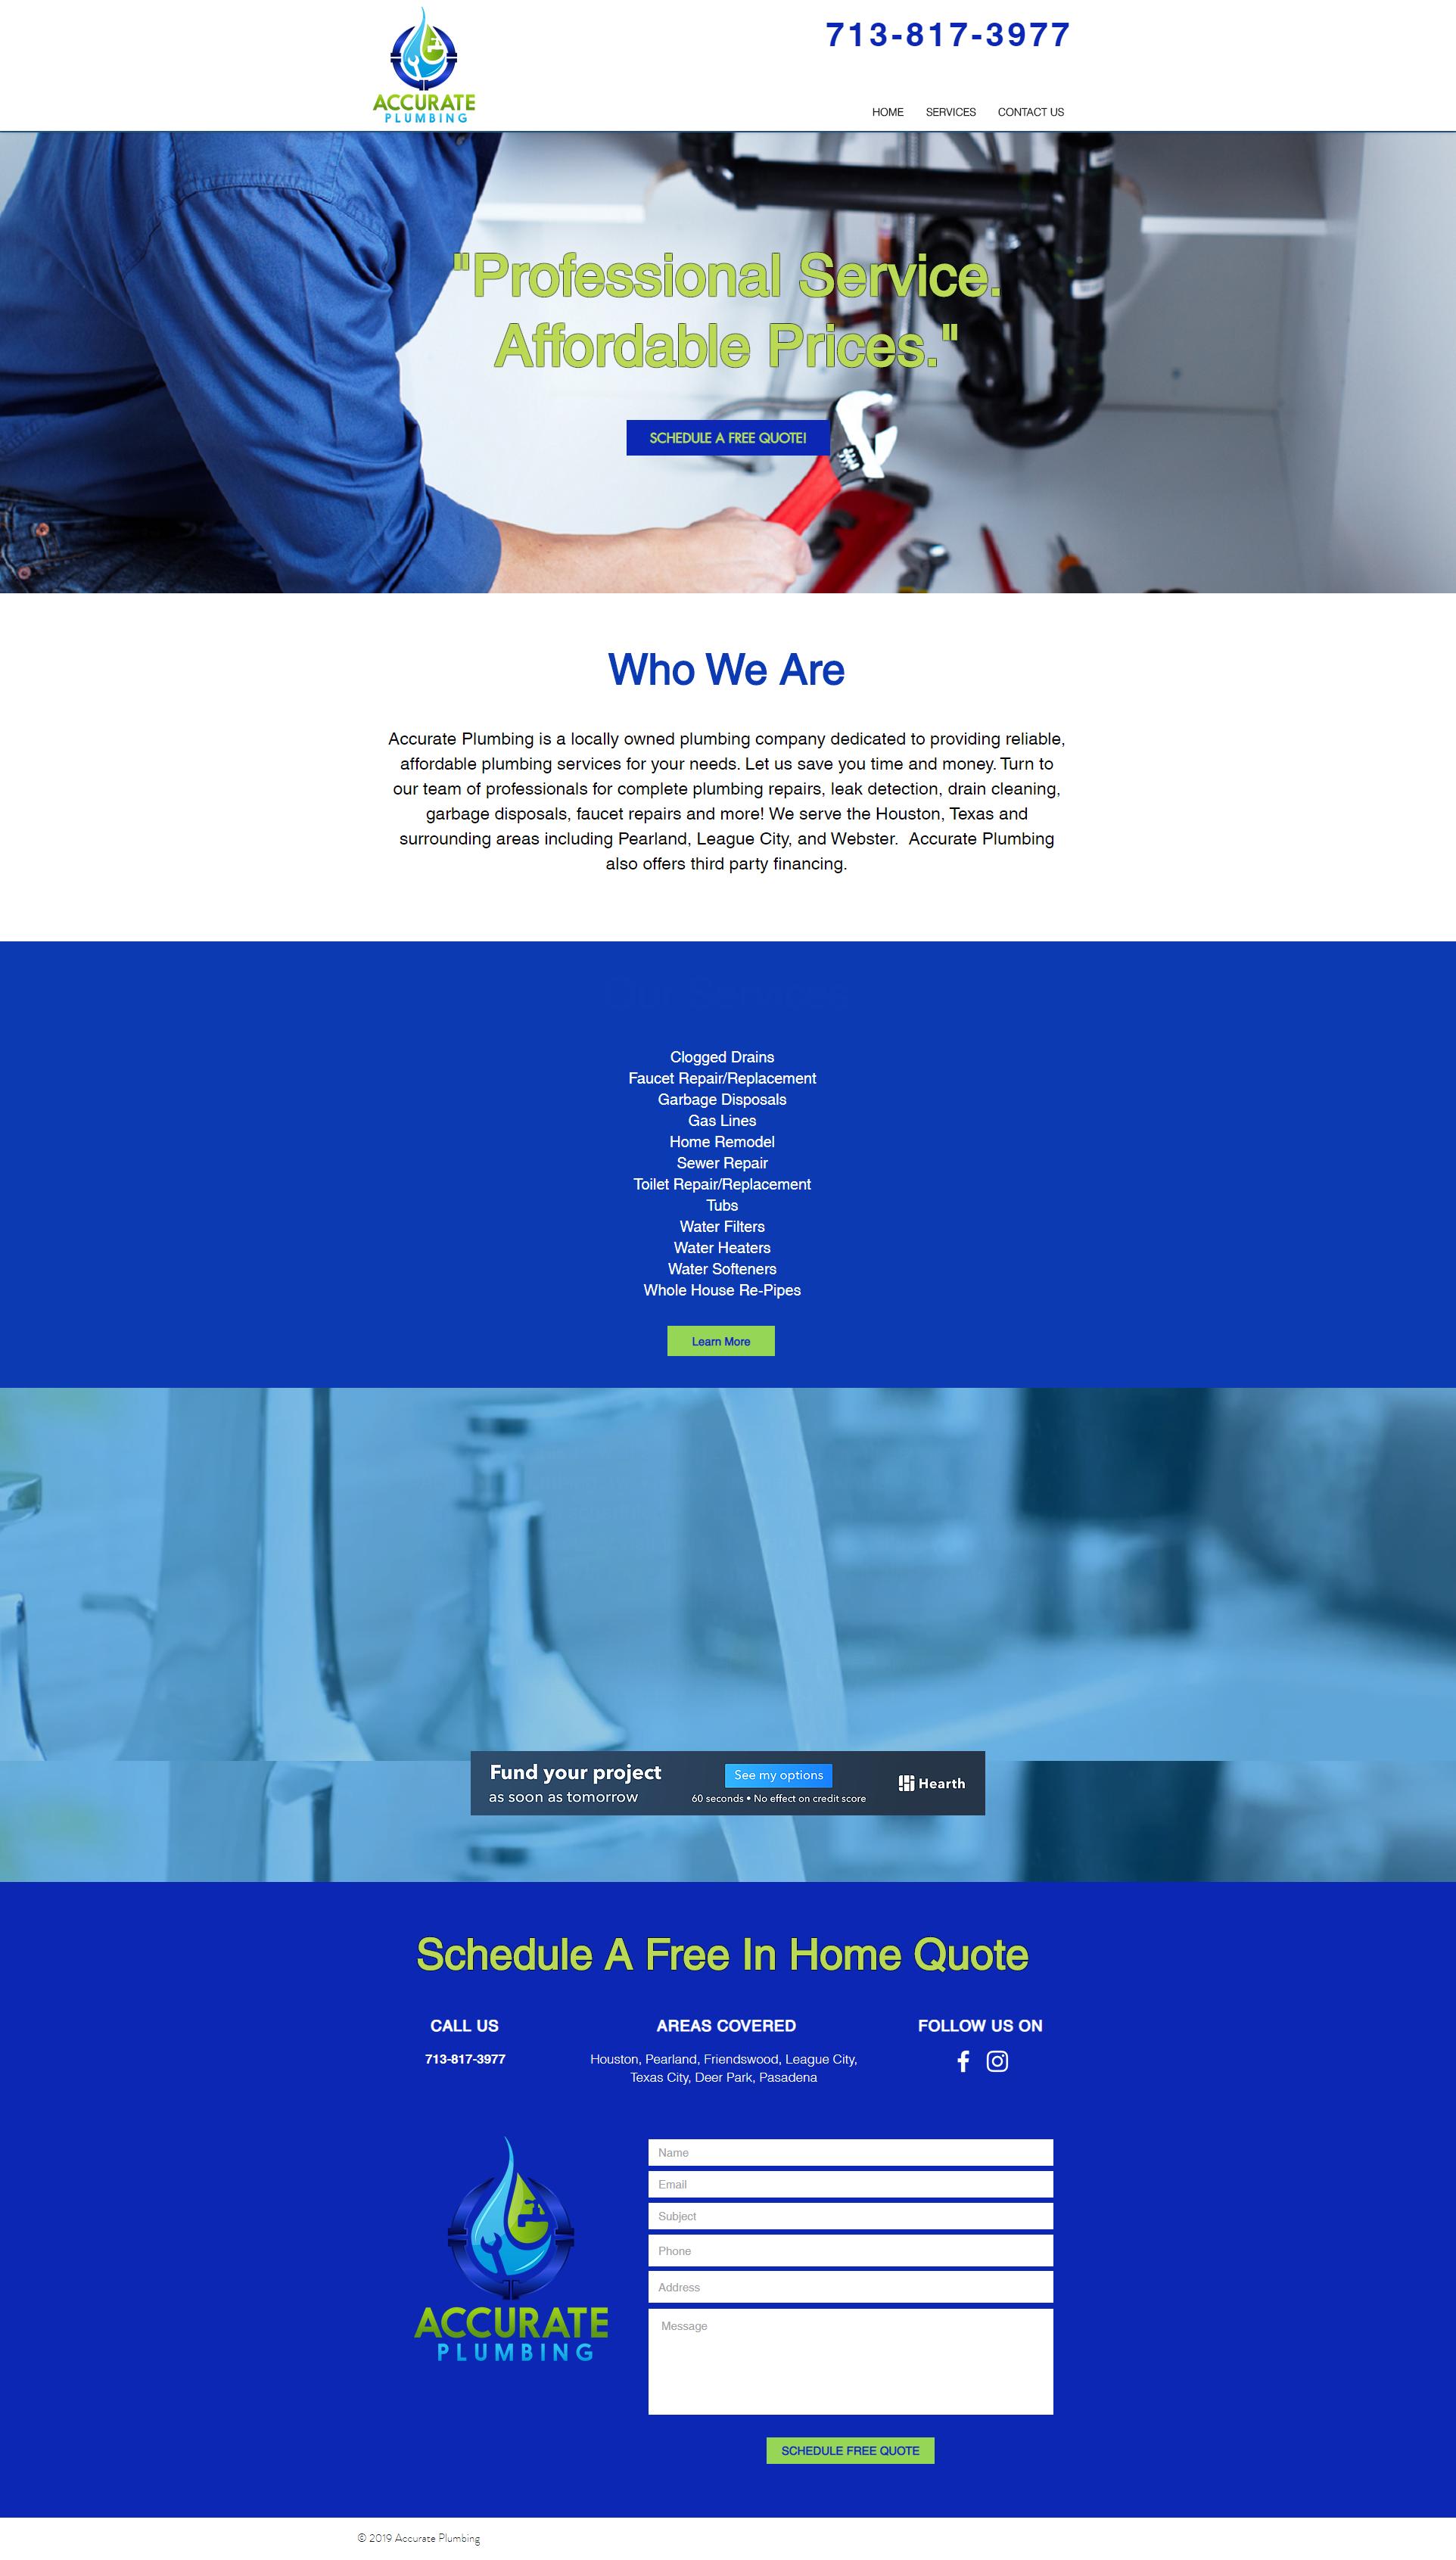 Accurate Plumbing website design